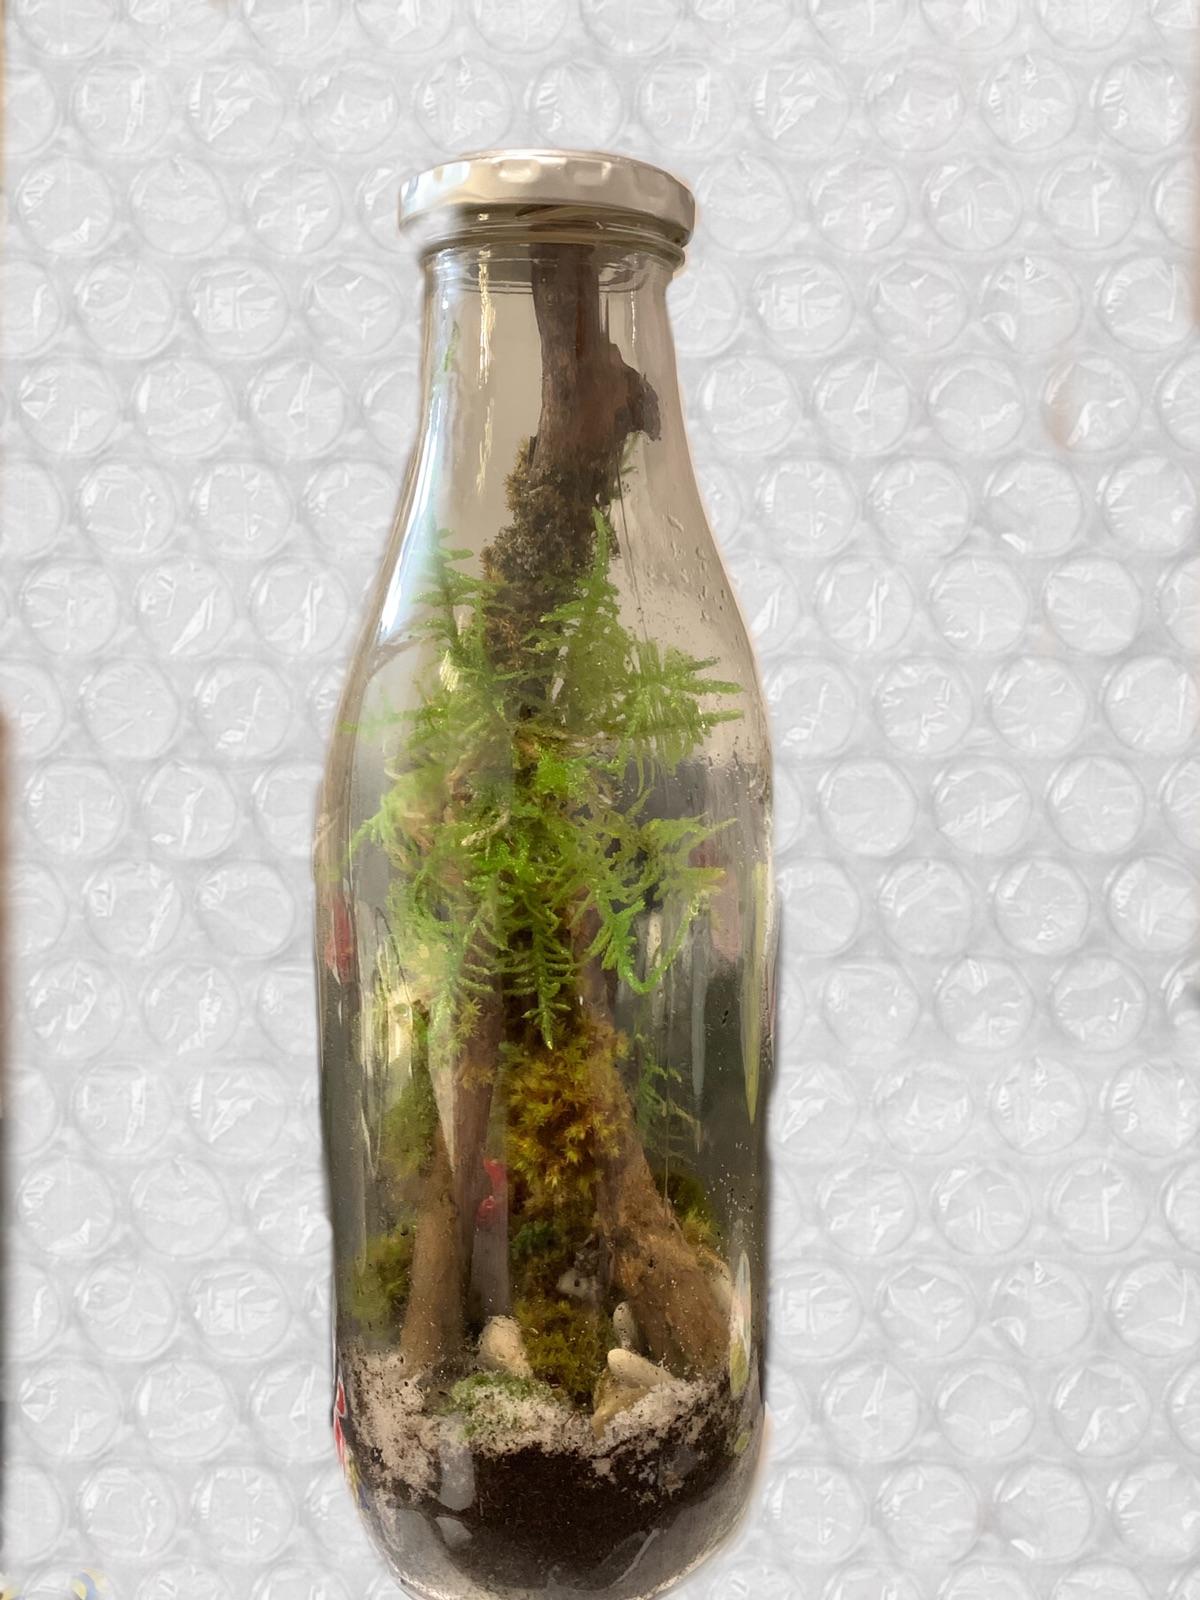 Diy 苔藓瓶